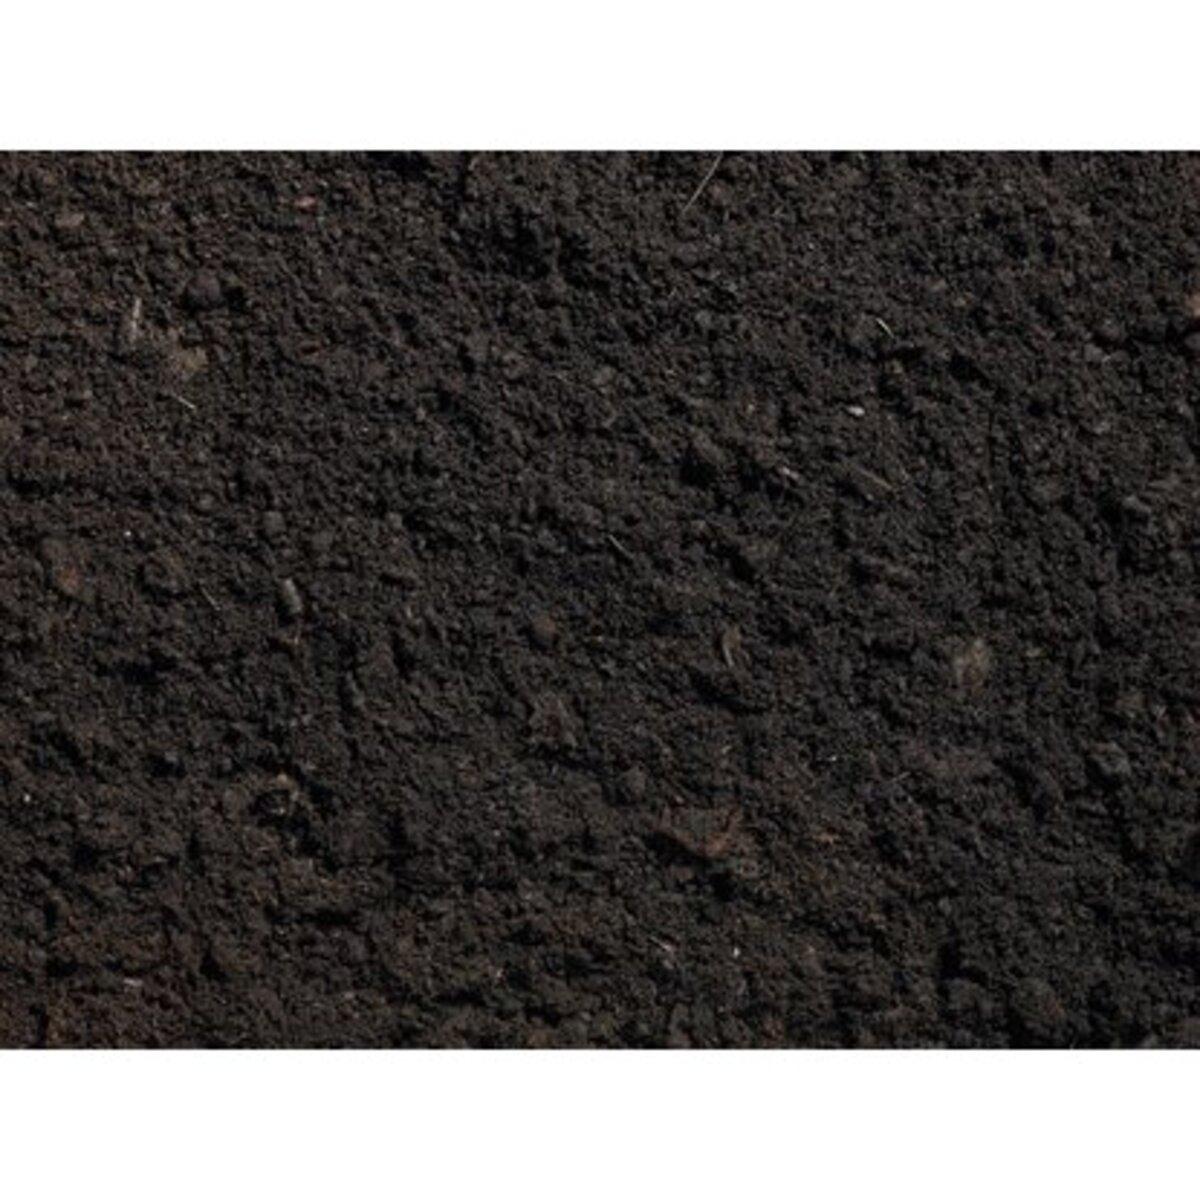 Bild 2 von CMI Pflanzerde 2.520 l (36 x 70 l) 1 Palette